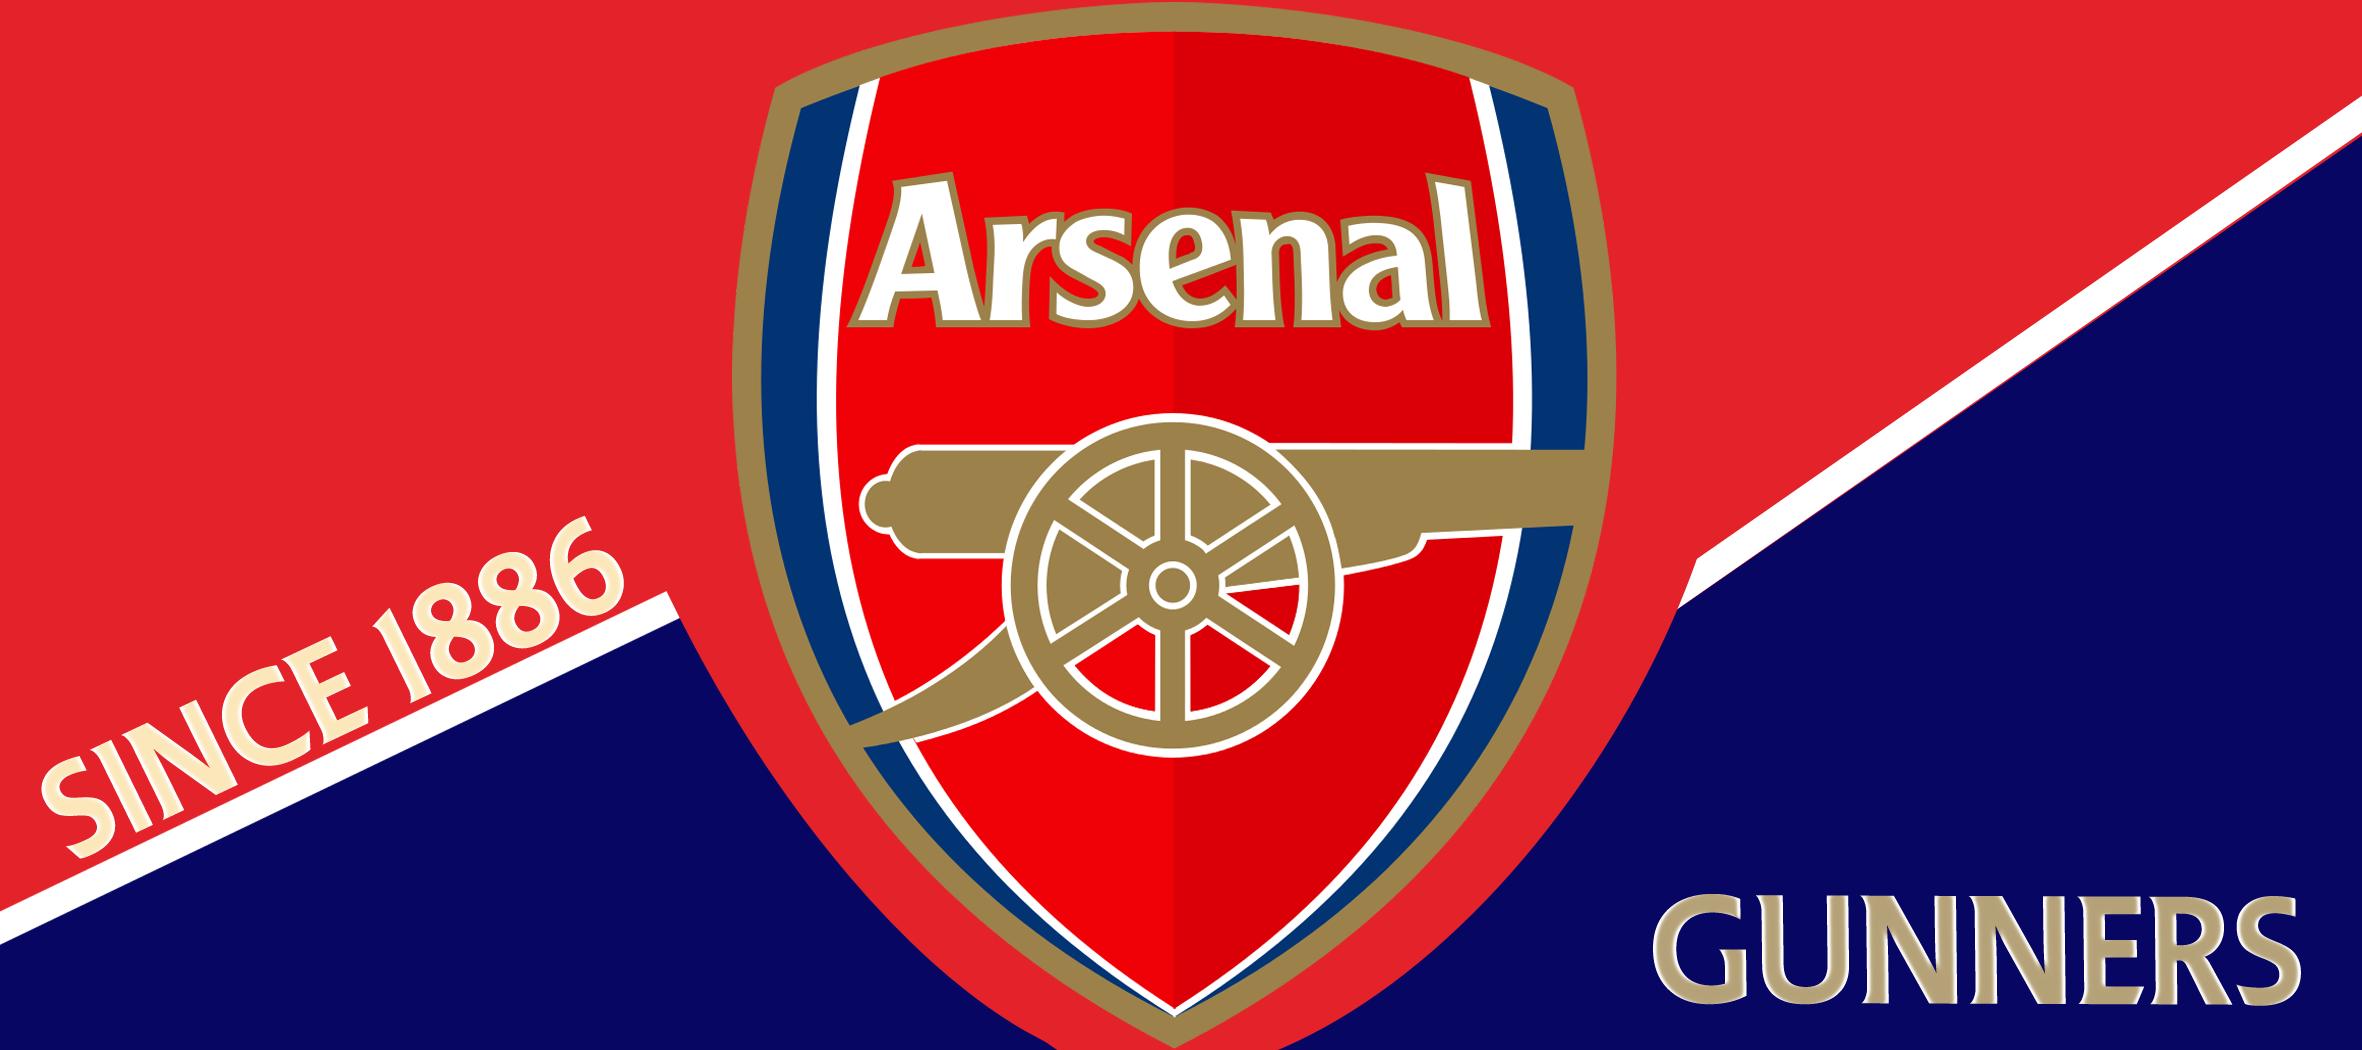 Arsenal logo artwork